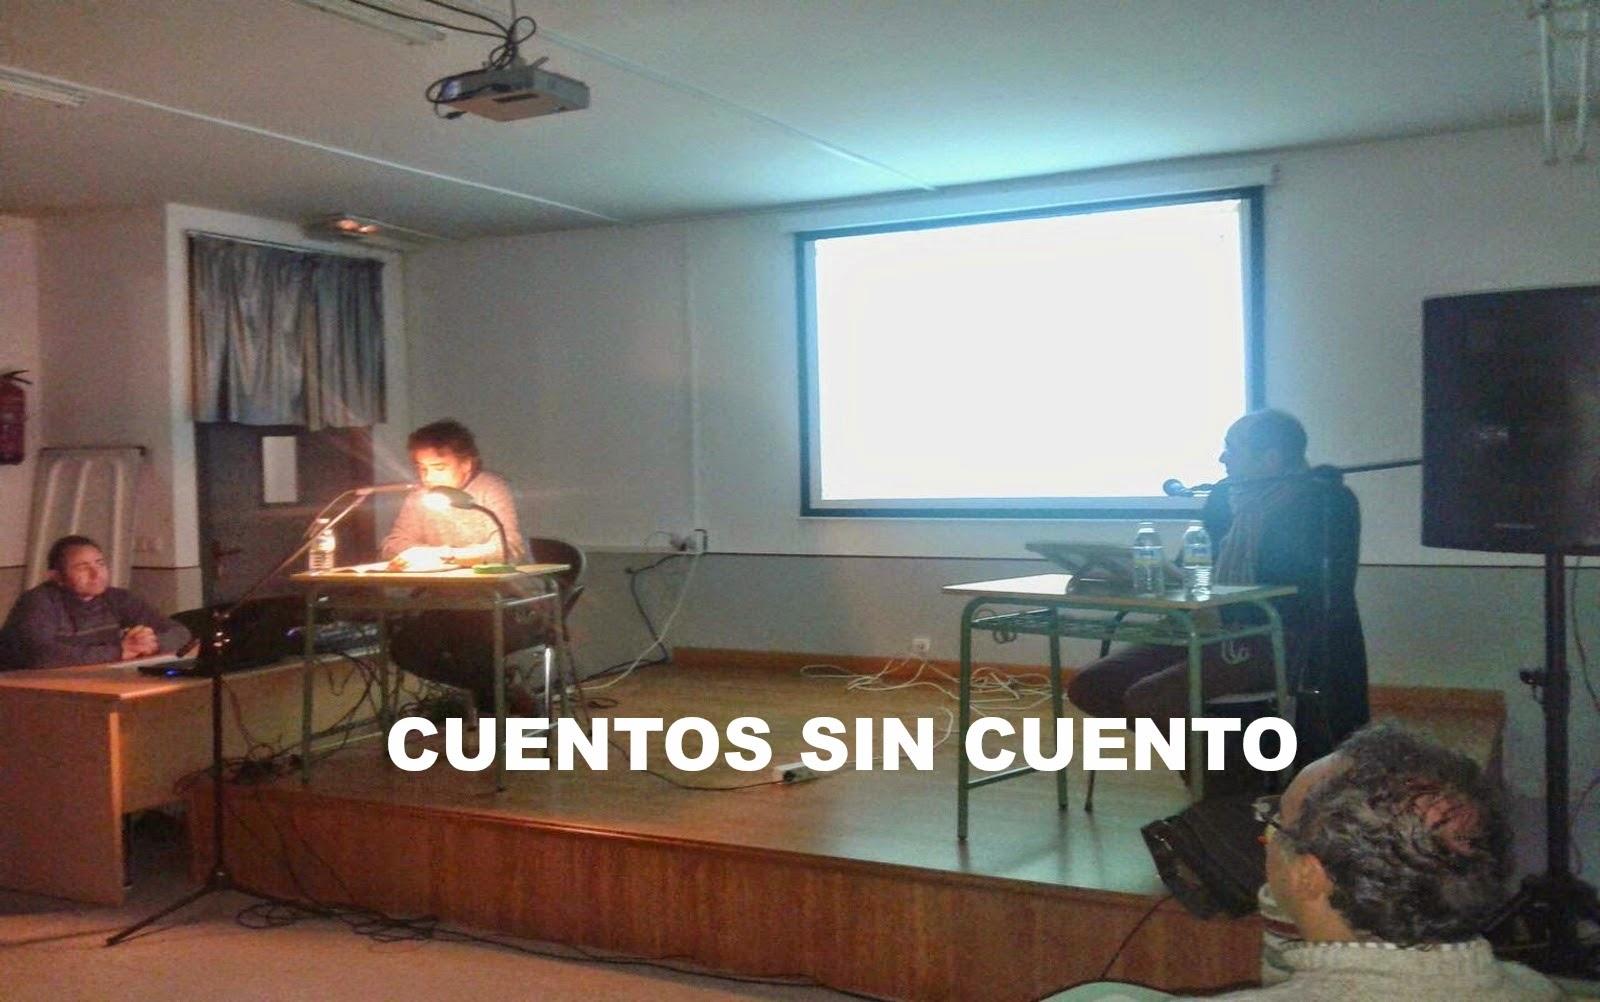 http://blogfuenteroniel.blogspot.com.es/2015/03/cuentos-sin-cuento-en-el-ies-fuente.html